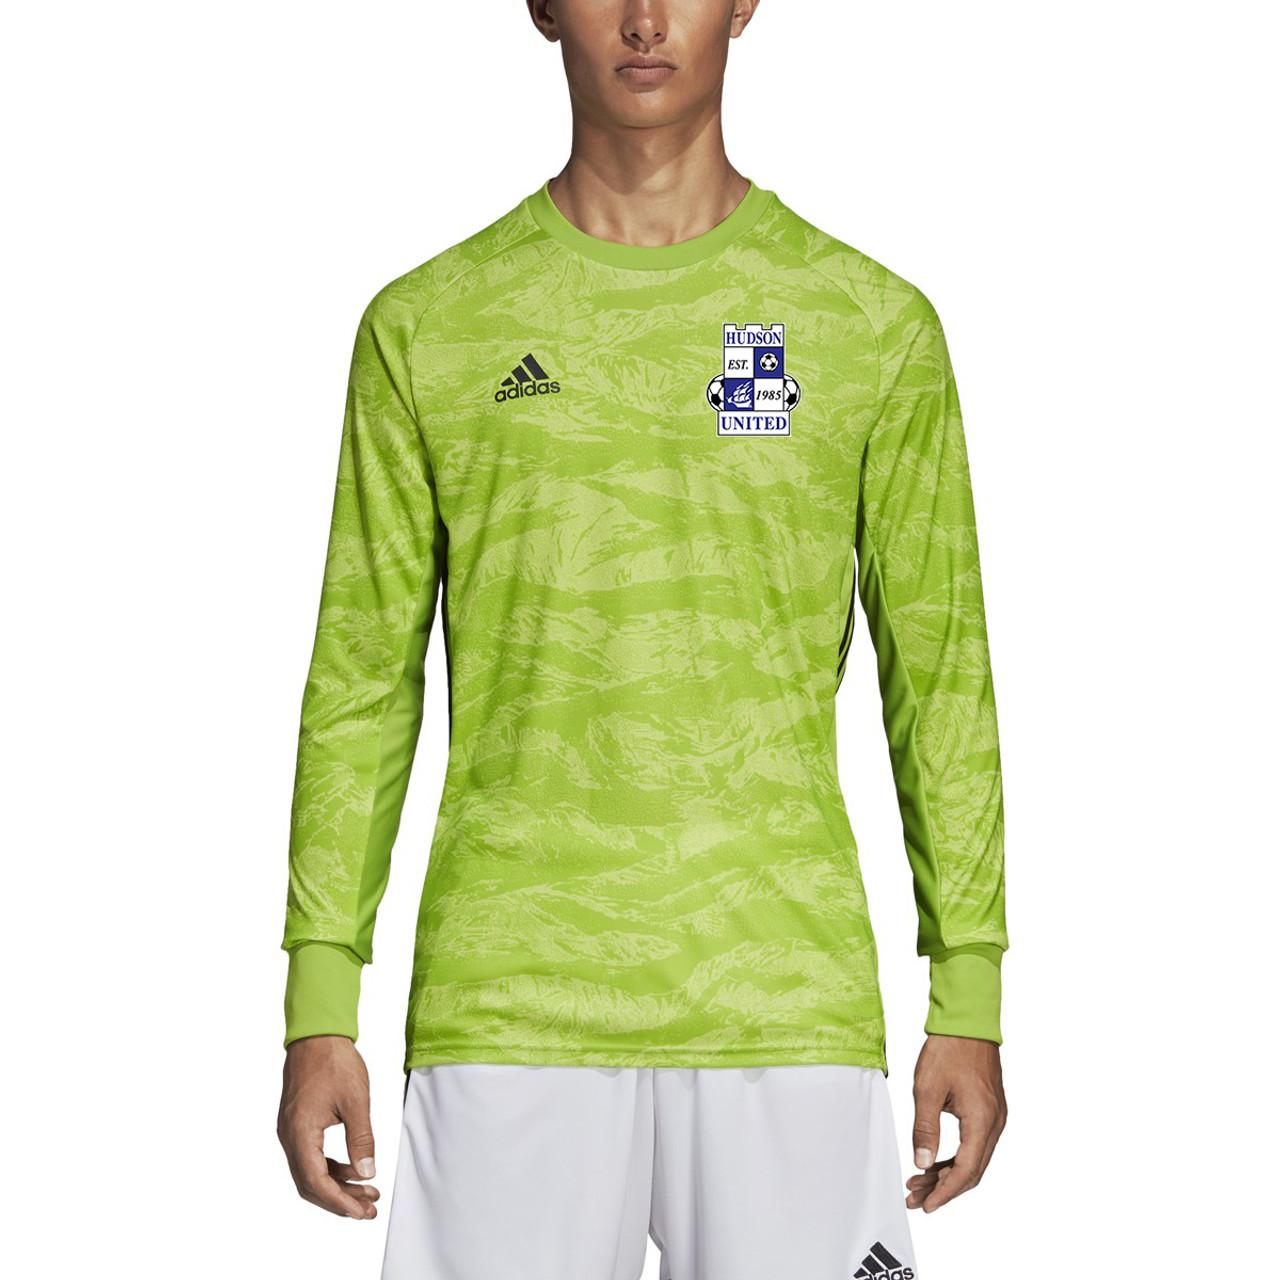 Adidas Campeon 13 Goalkeeper Trikot GK Goalkeeper Shirt Long